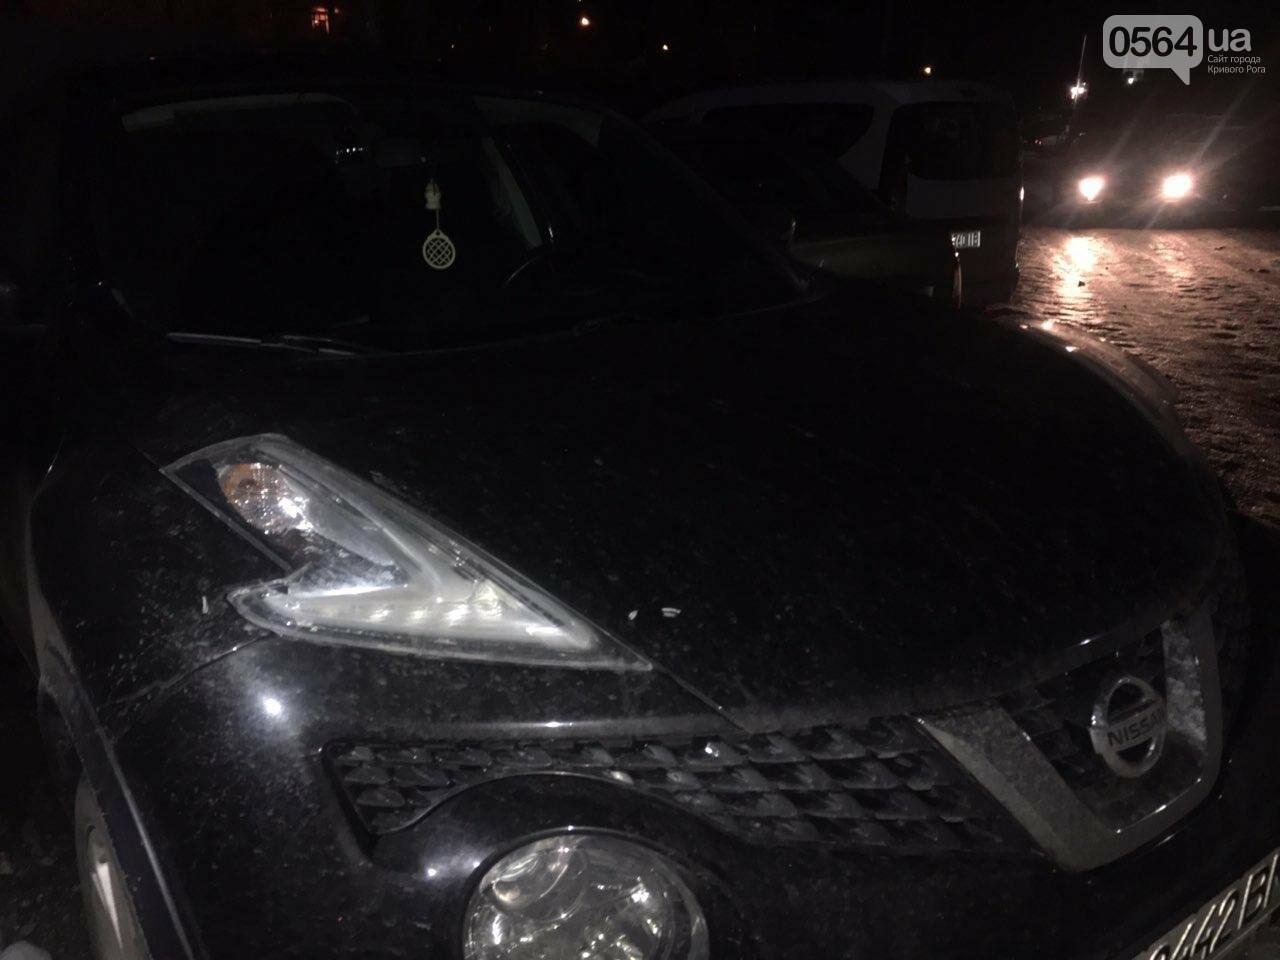 """В Кривом Роге """"BMW"""" снес забор стоянки: повреждено около 10 машин, есть пострадавший, - ФОТО , фото-31"""